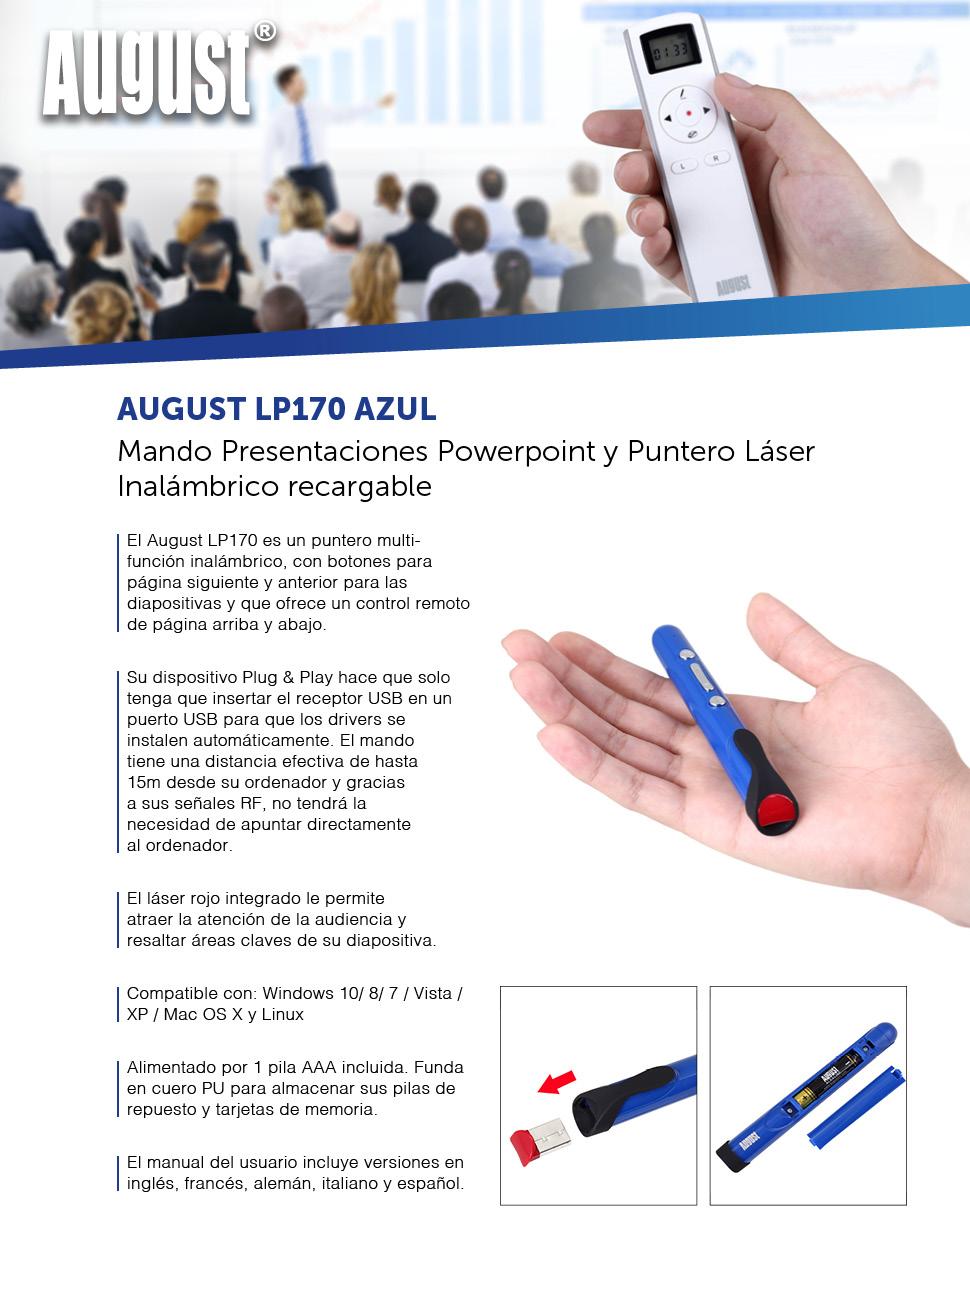 El August LP170 es un puntero multi-función inalámbrico, con botones para página siguiente y anterior para las diapositivas y que ofrece un control remoto ...